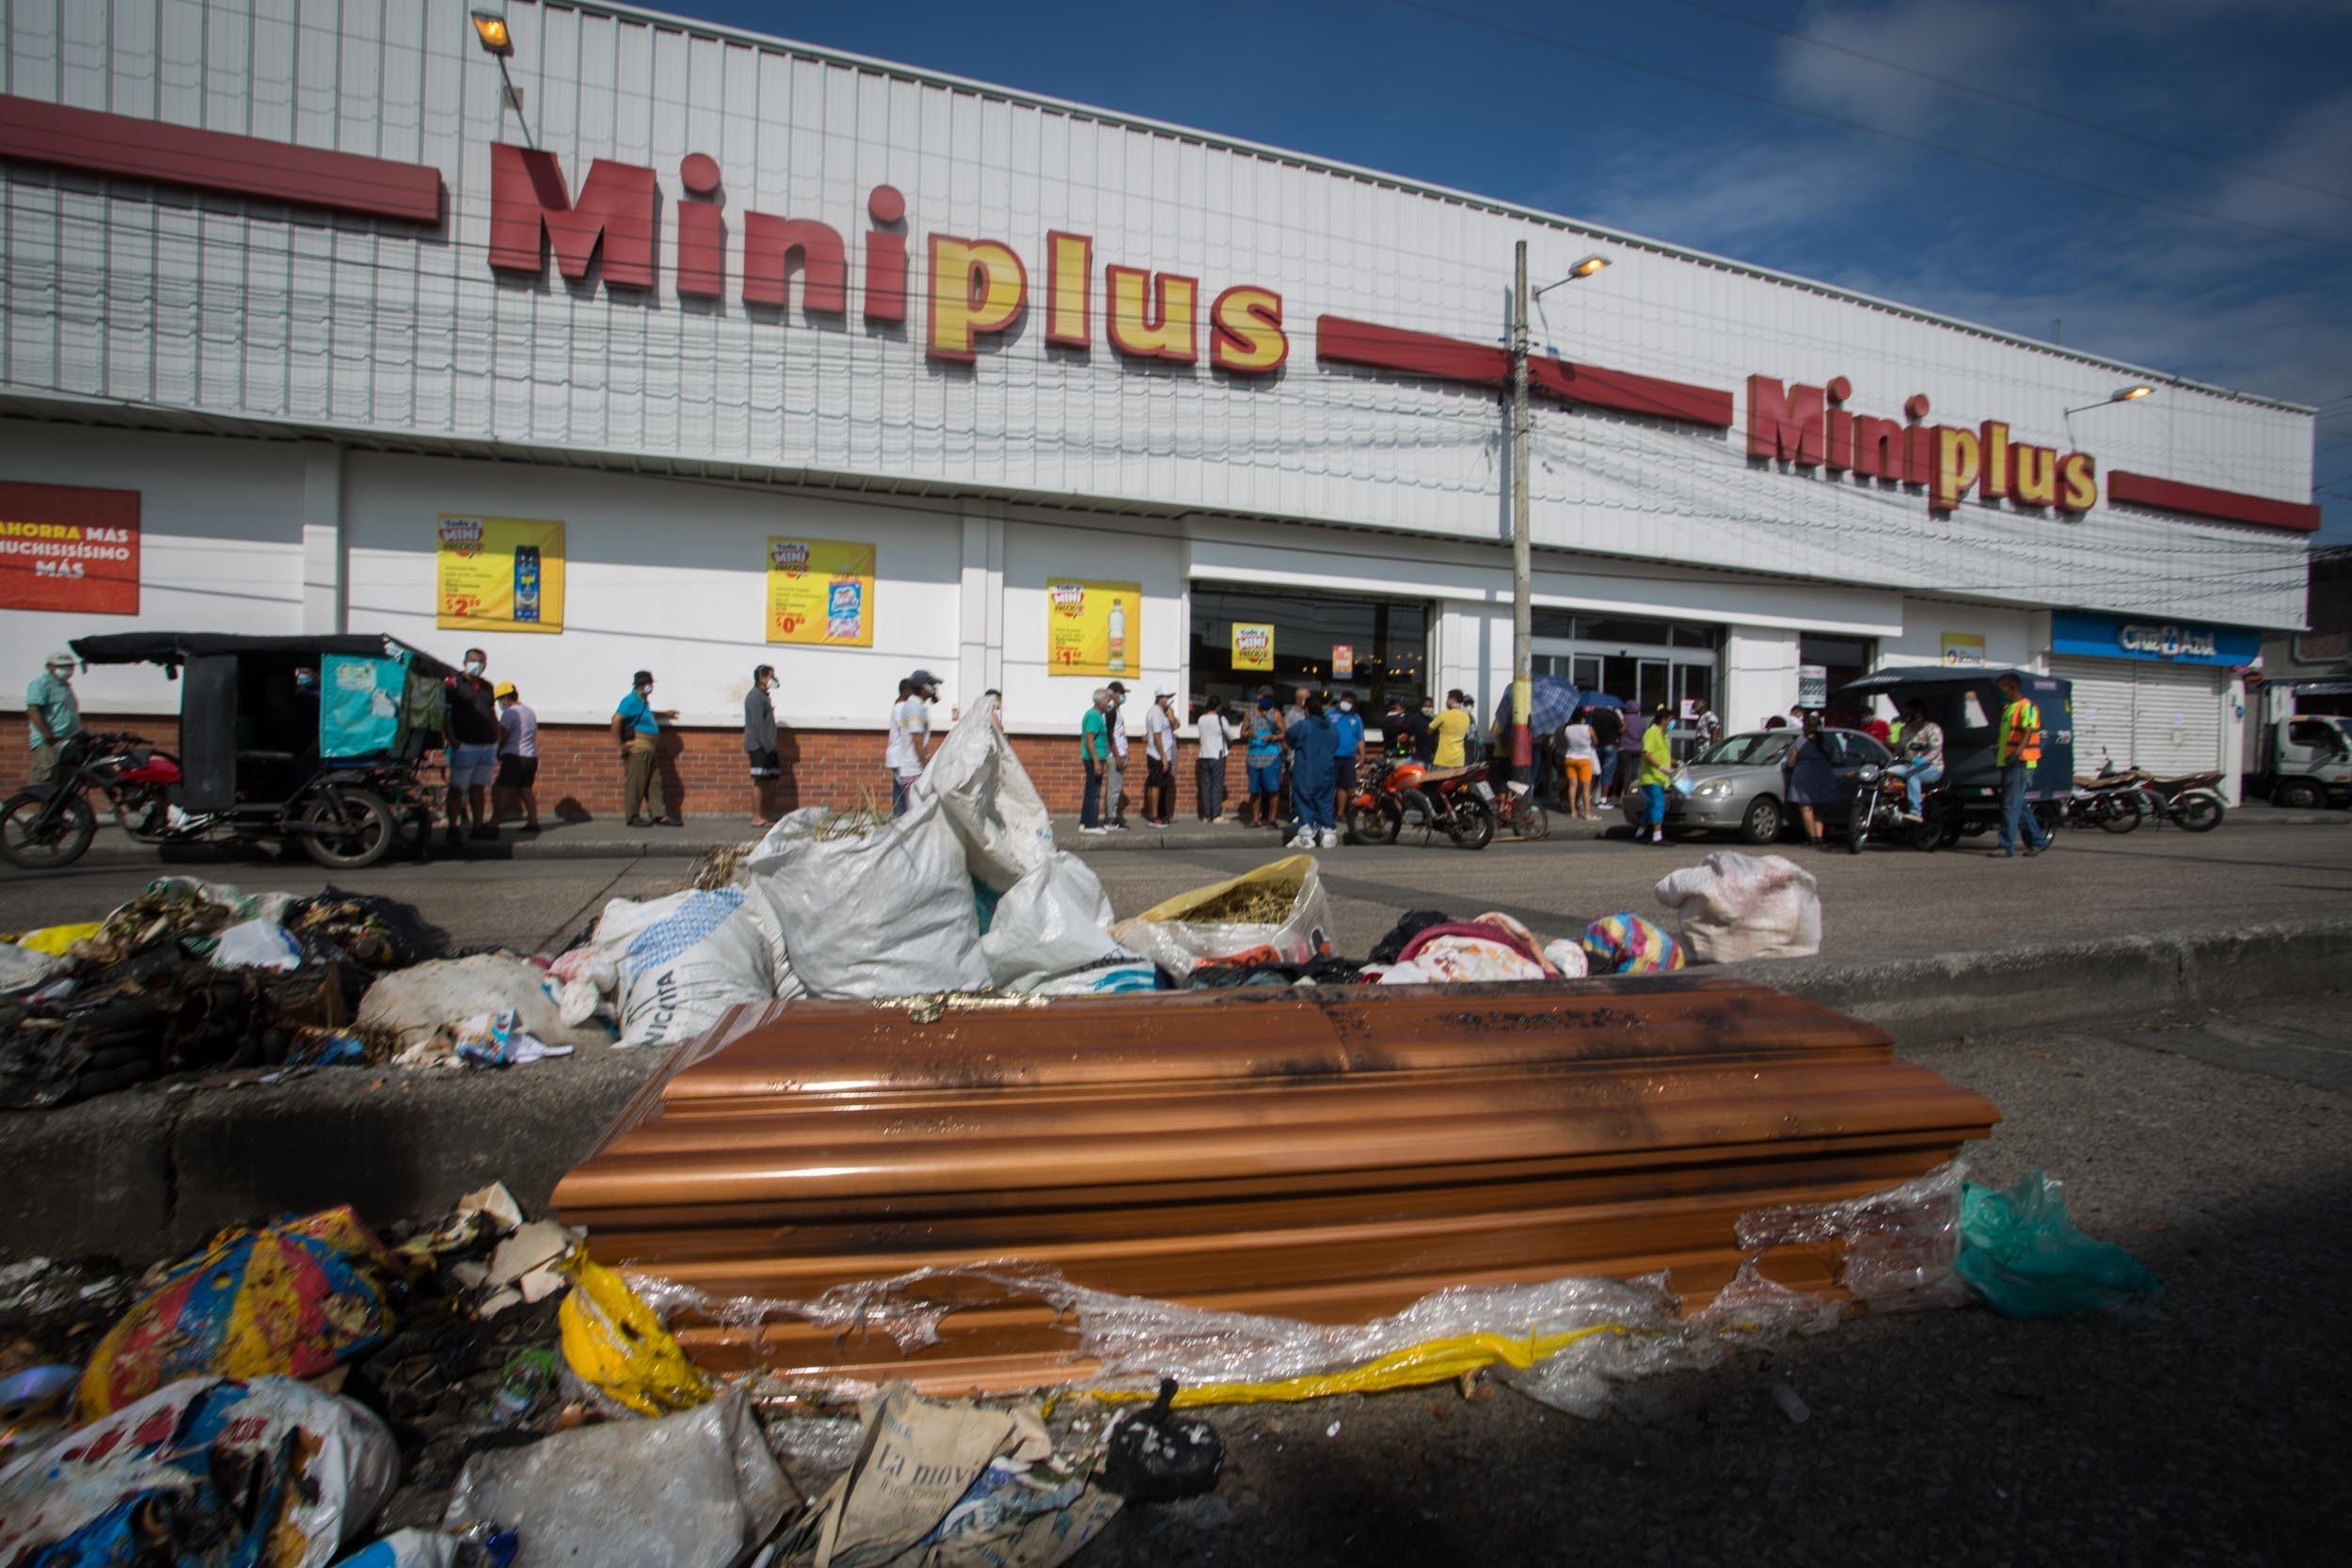 El lunes 6 de abril, este ataúd vacío fue hallado frente a un supermercado del Suburbio de Guayaquil, entre bolsas de basura. Entre marzo y abril, muchos ataúdes fueron abandonados en las calles sin ningún protocolo sanitario, luego de que las autoridades hicieran levantamientos de cadáveres. Foto: Iván Castaneira.